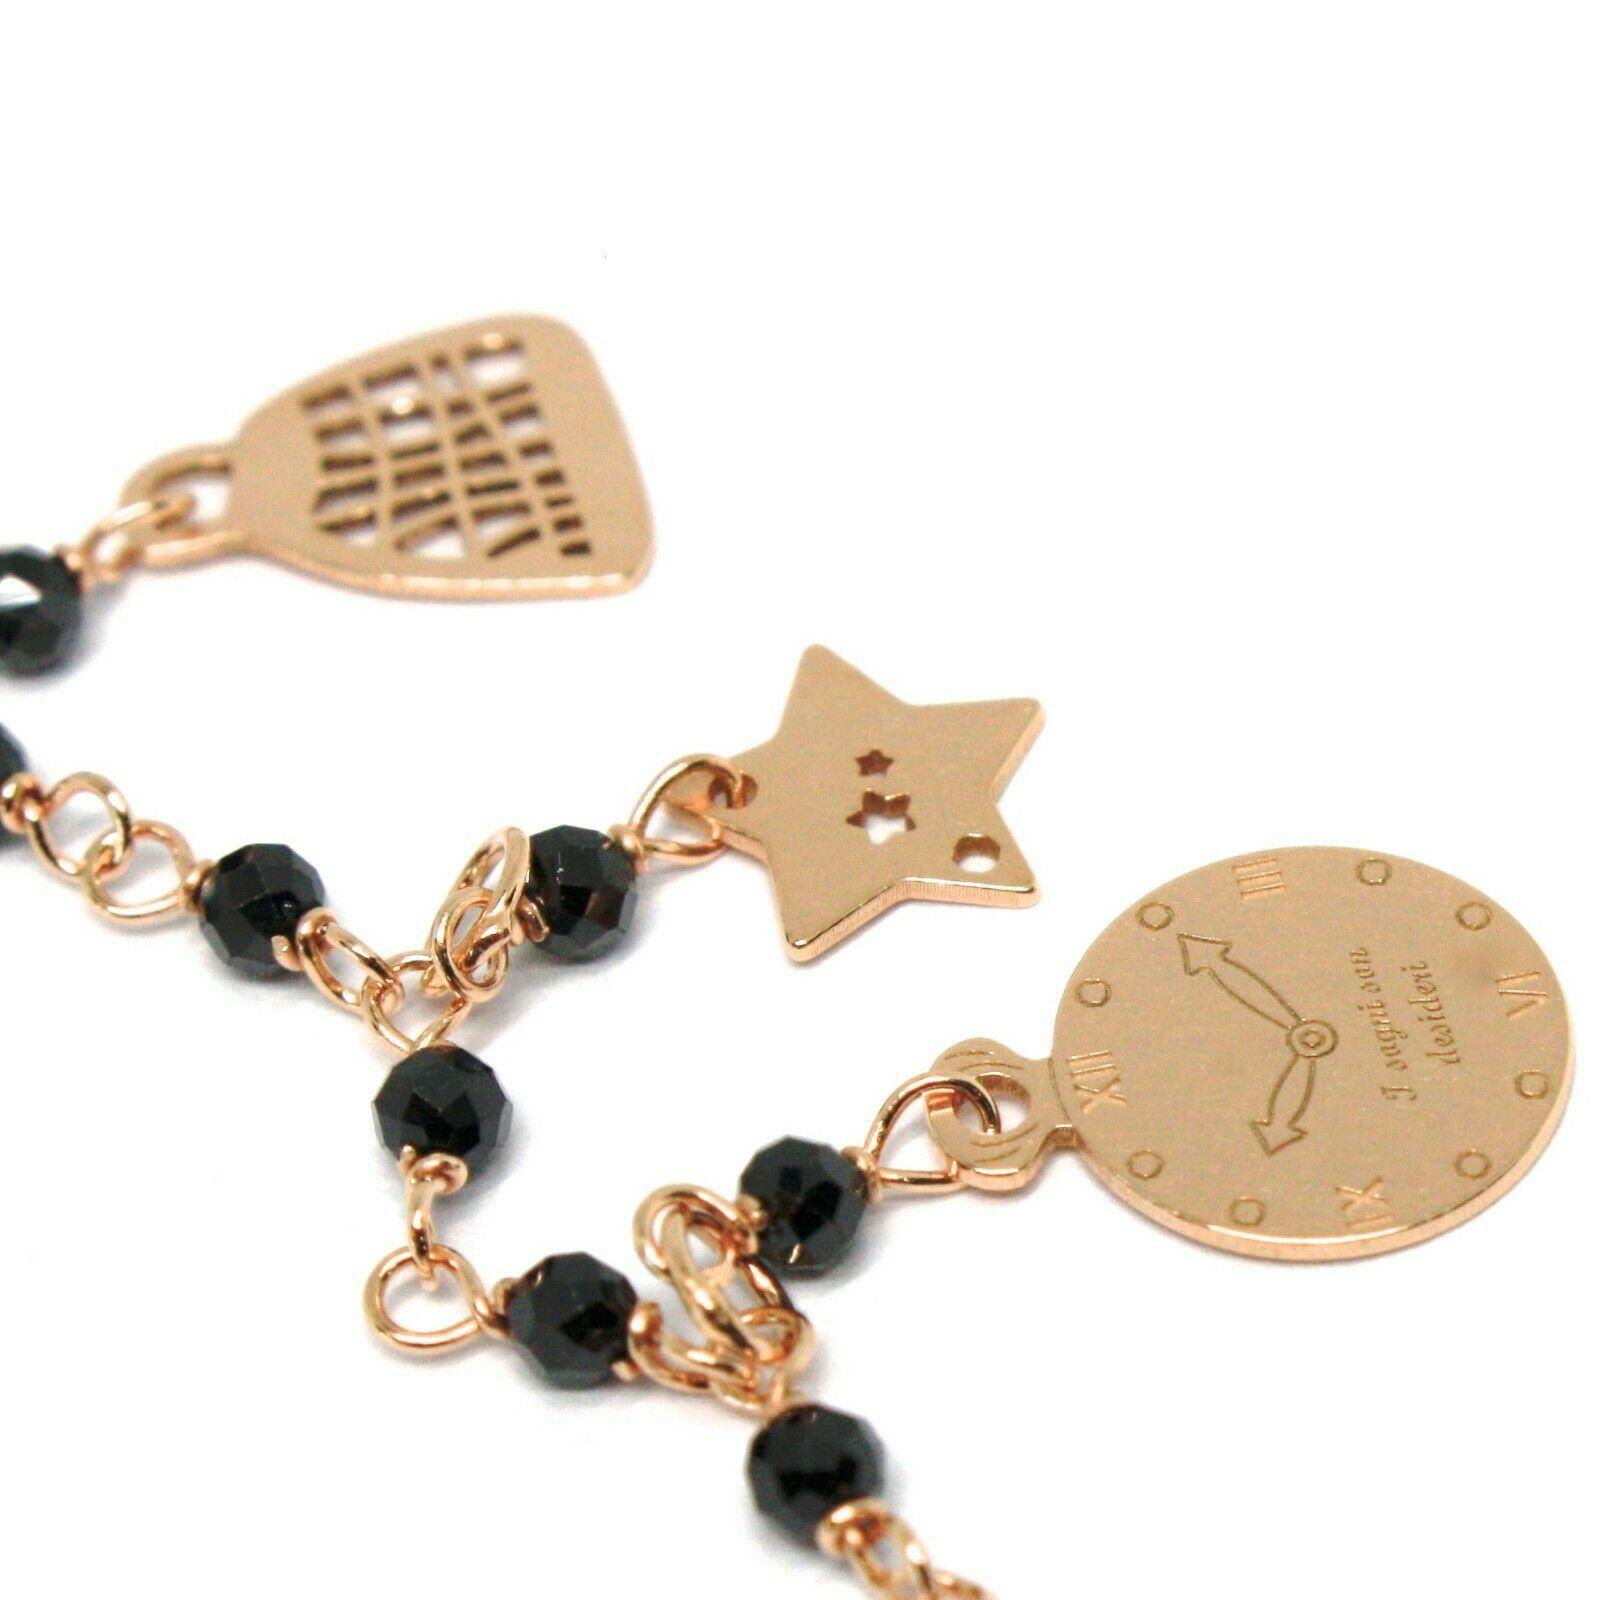 Armband und Anhänger Silber 925, Mary Tasche Regenschirm Hut Sterne, Le Favole image 4